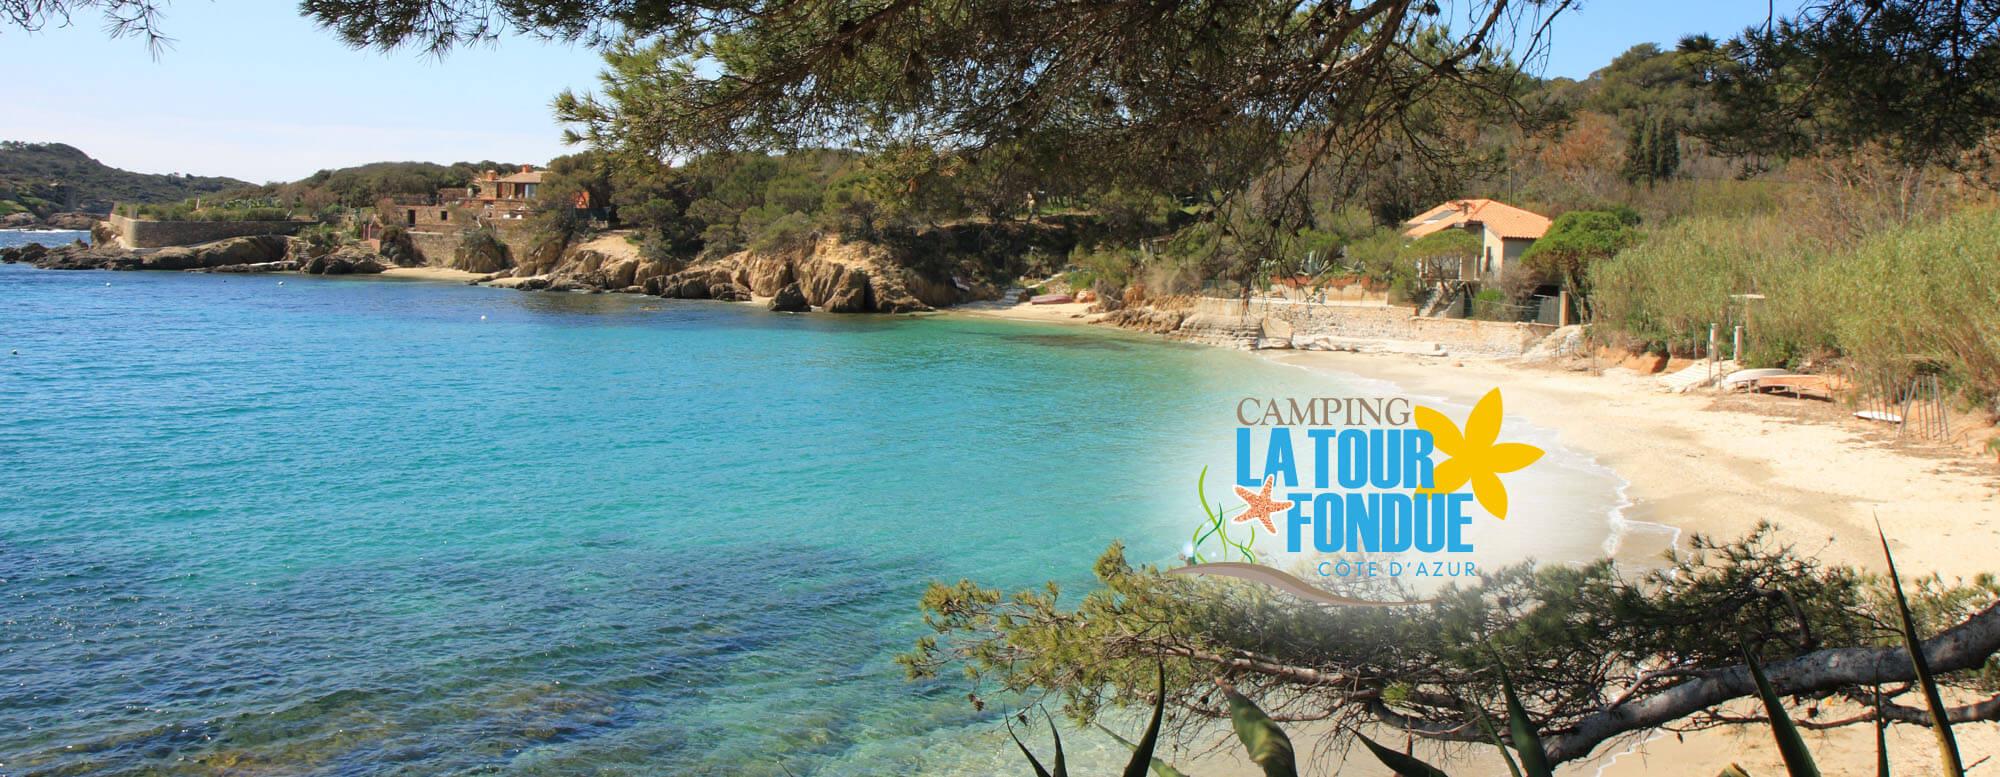 Découvrez La Tour Fondue, notre camping de charme situé en bord de mer à l'extrême sud de la Presqu'île de Giens. Au calme et ouvert sur la mer. Proche de l'île de Porquerolles, à Hyères, dans le Var.